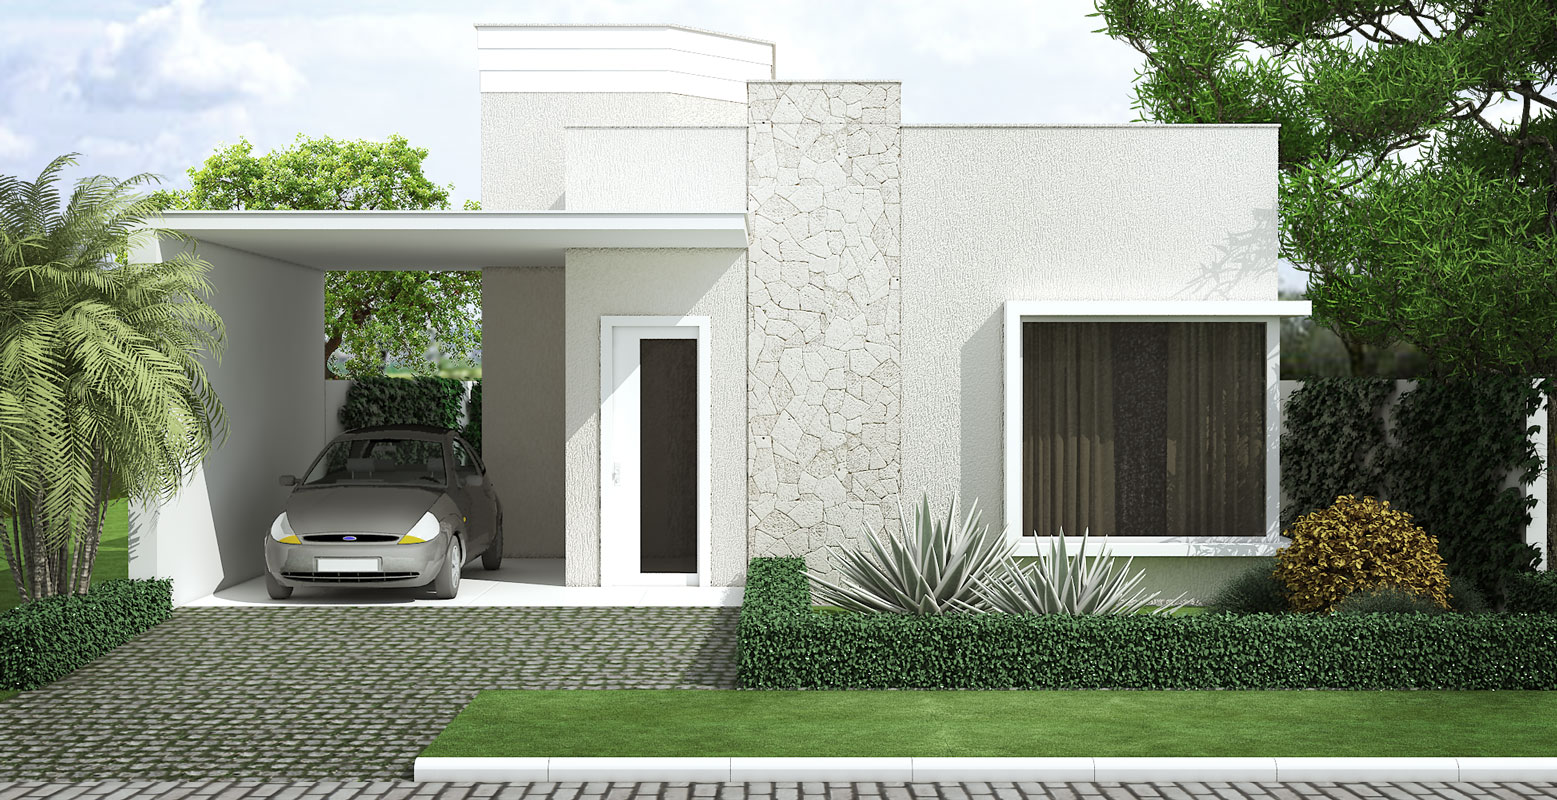 Perspectiva-Ilustrativa-Casa-02-Royal-Garden-Marica-RJ